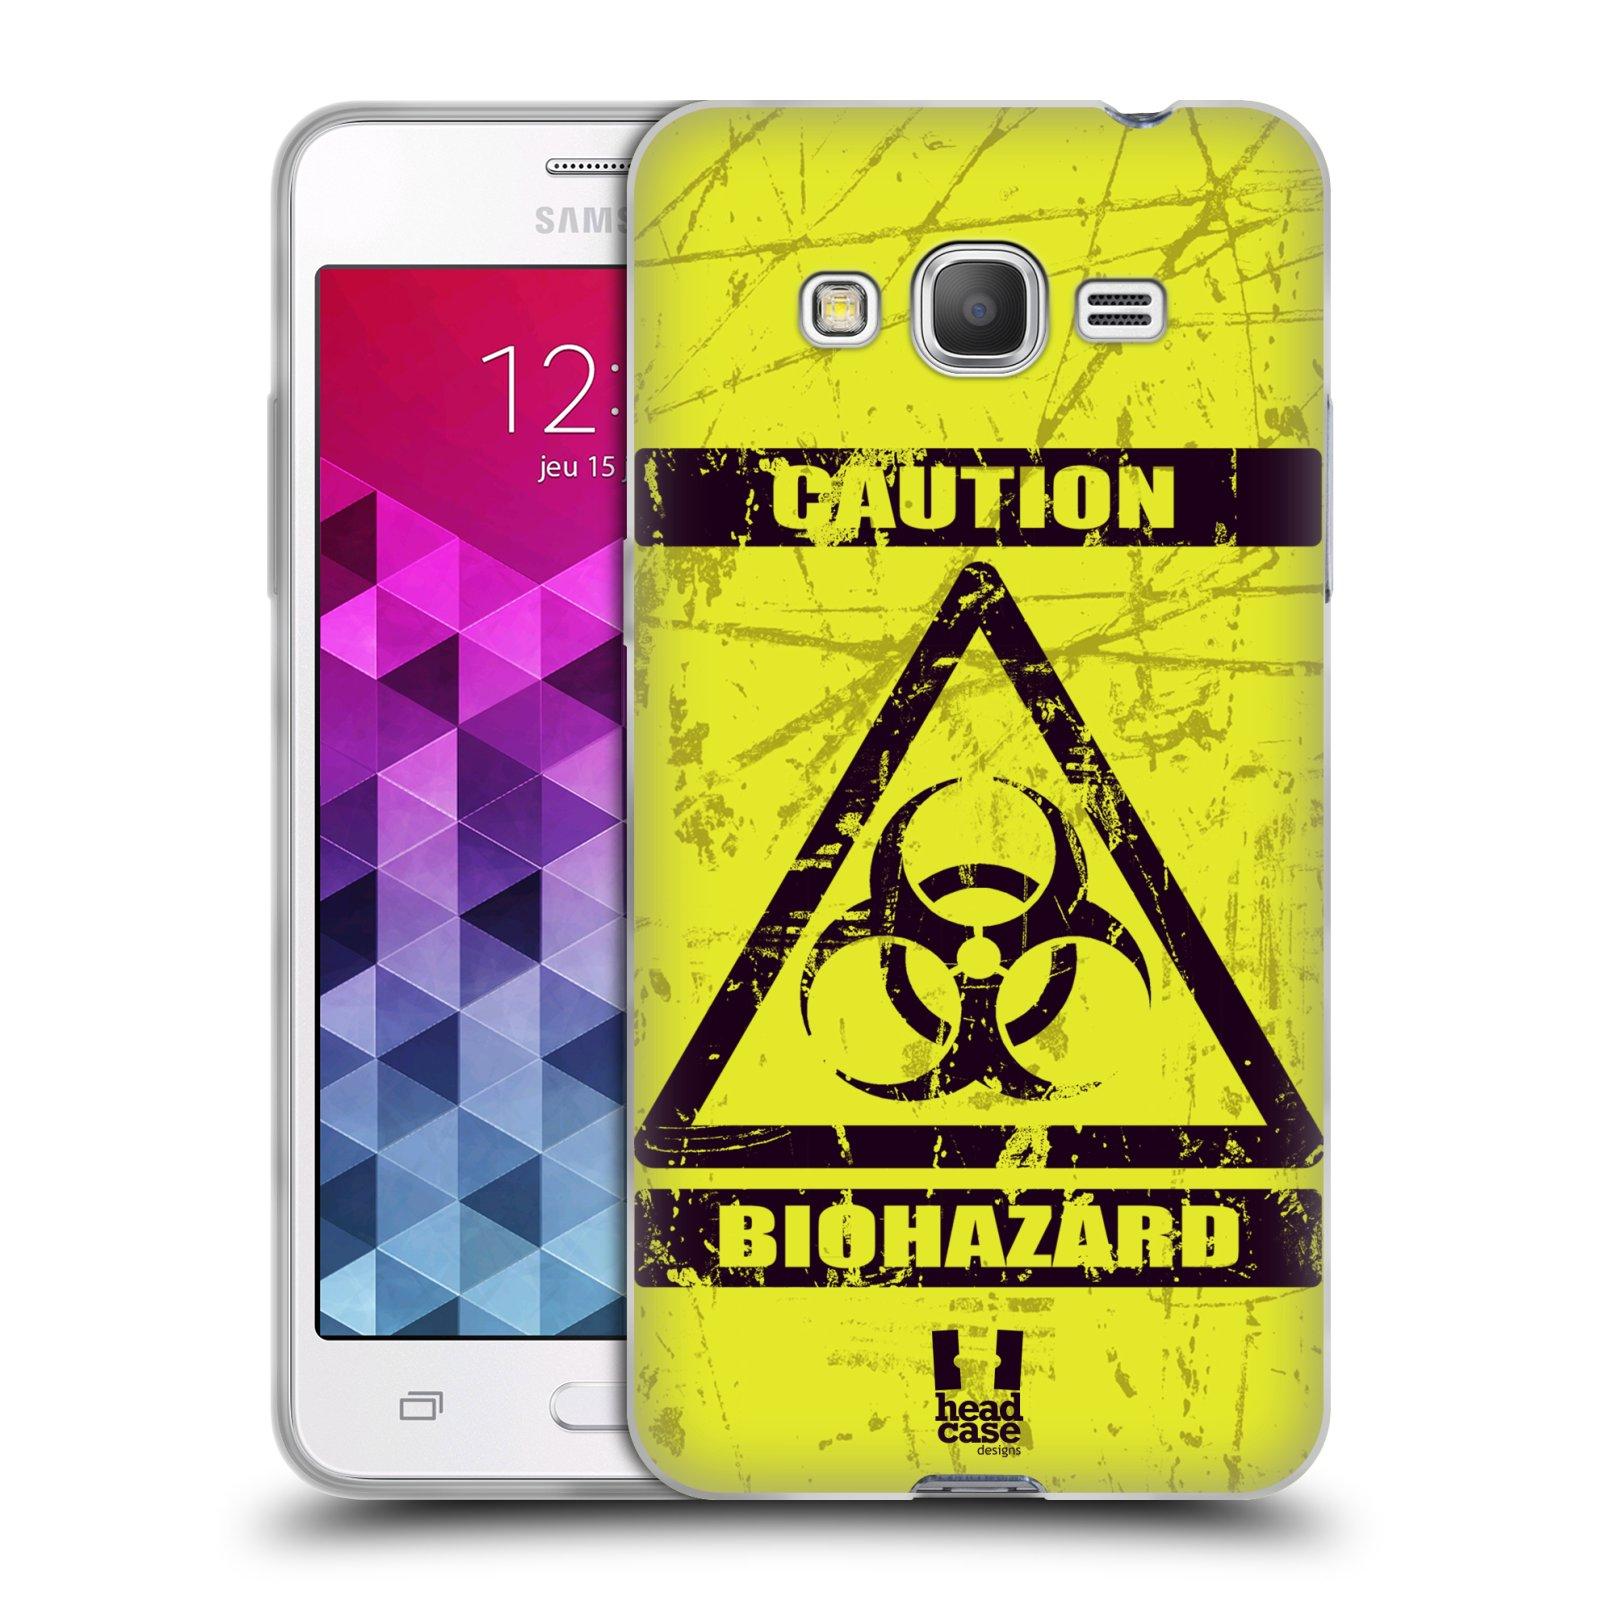 Silikonové pouzdro na mobil Samsung Galaxy Grand Prime HEAD CASE BIOHAZARD